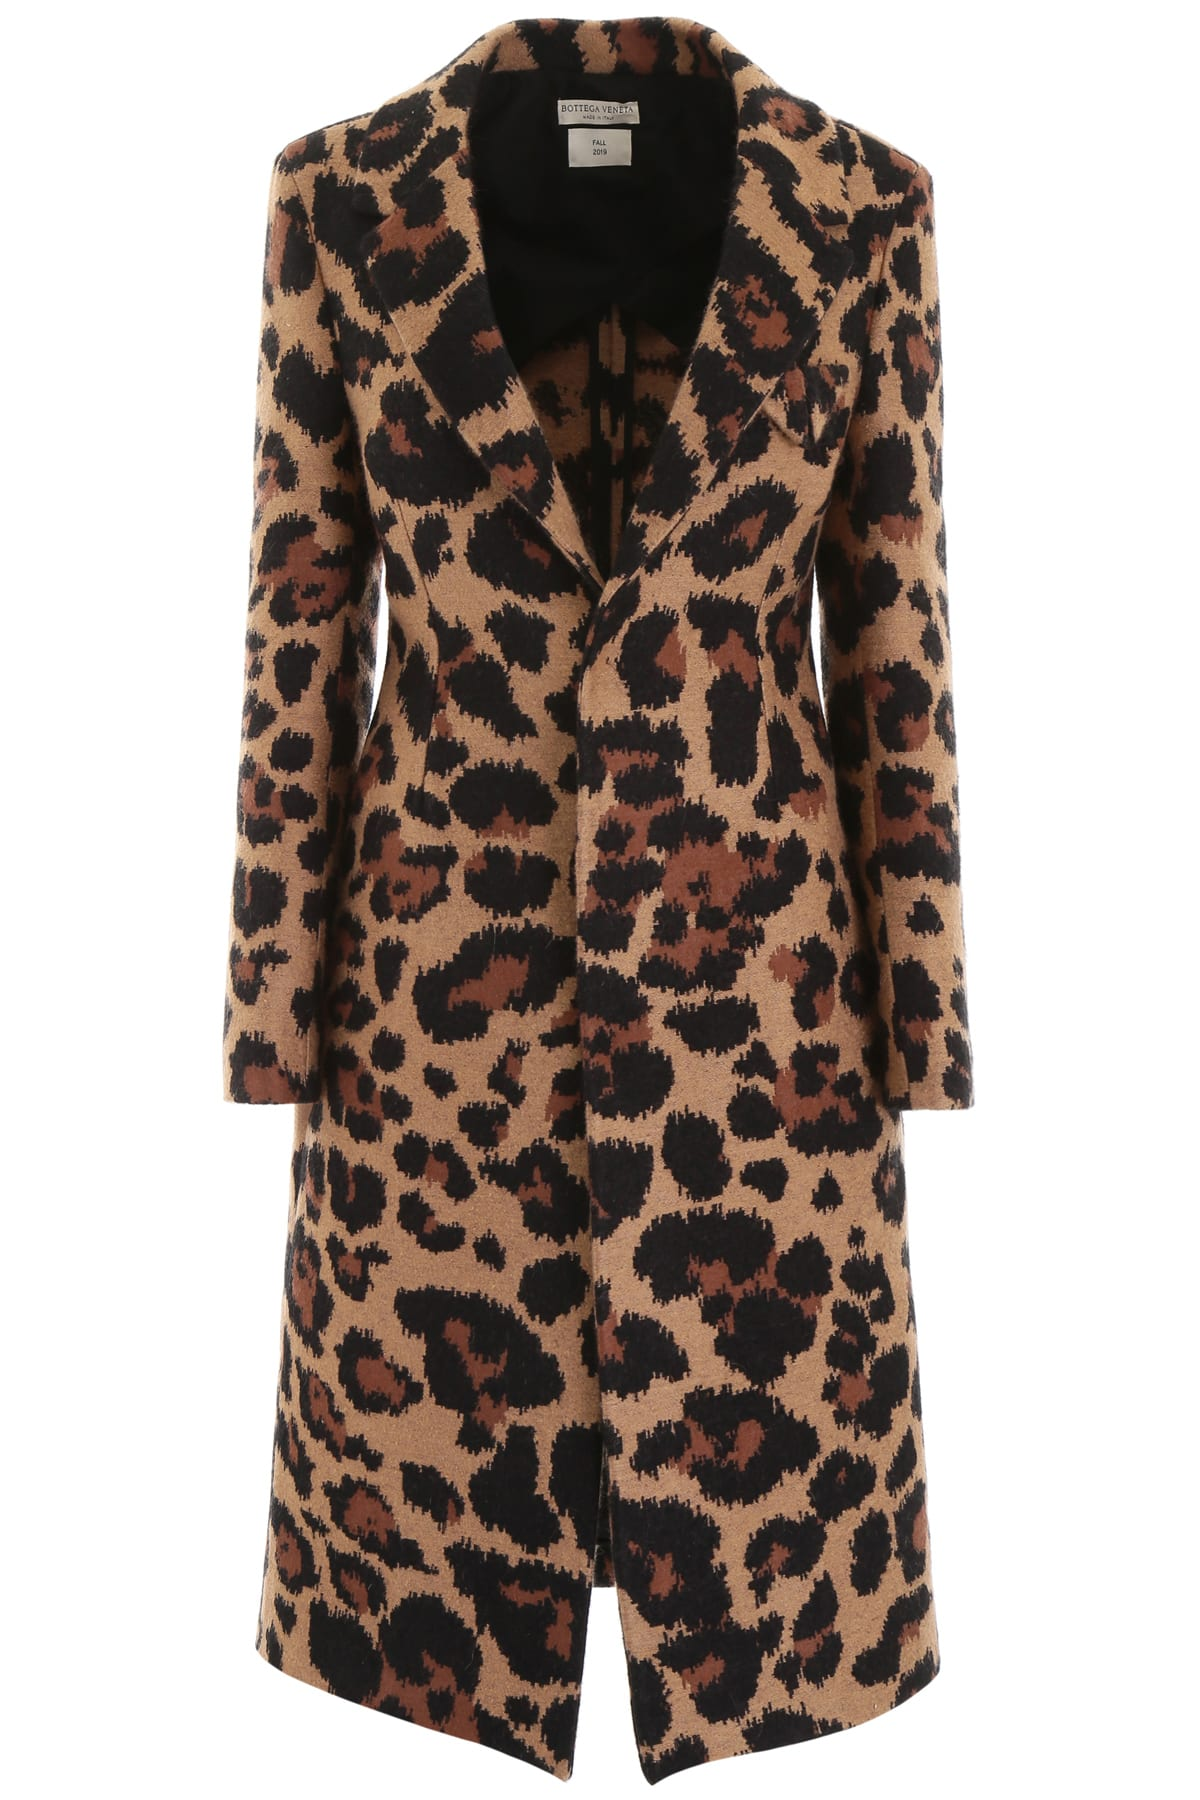 Bottega Veneta Animalier Coat